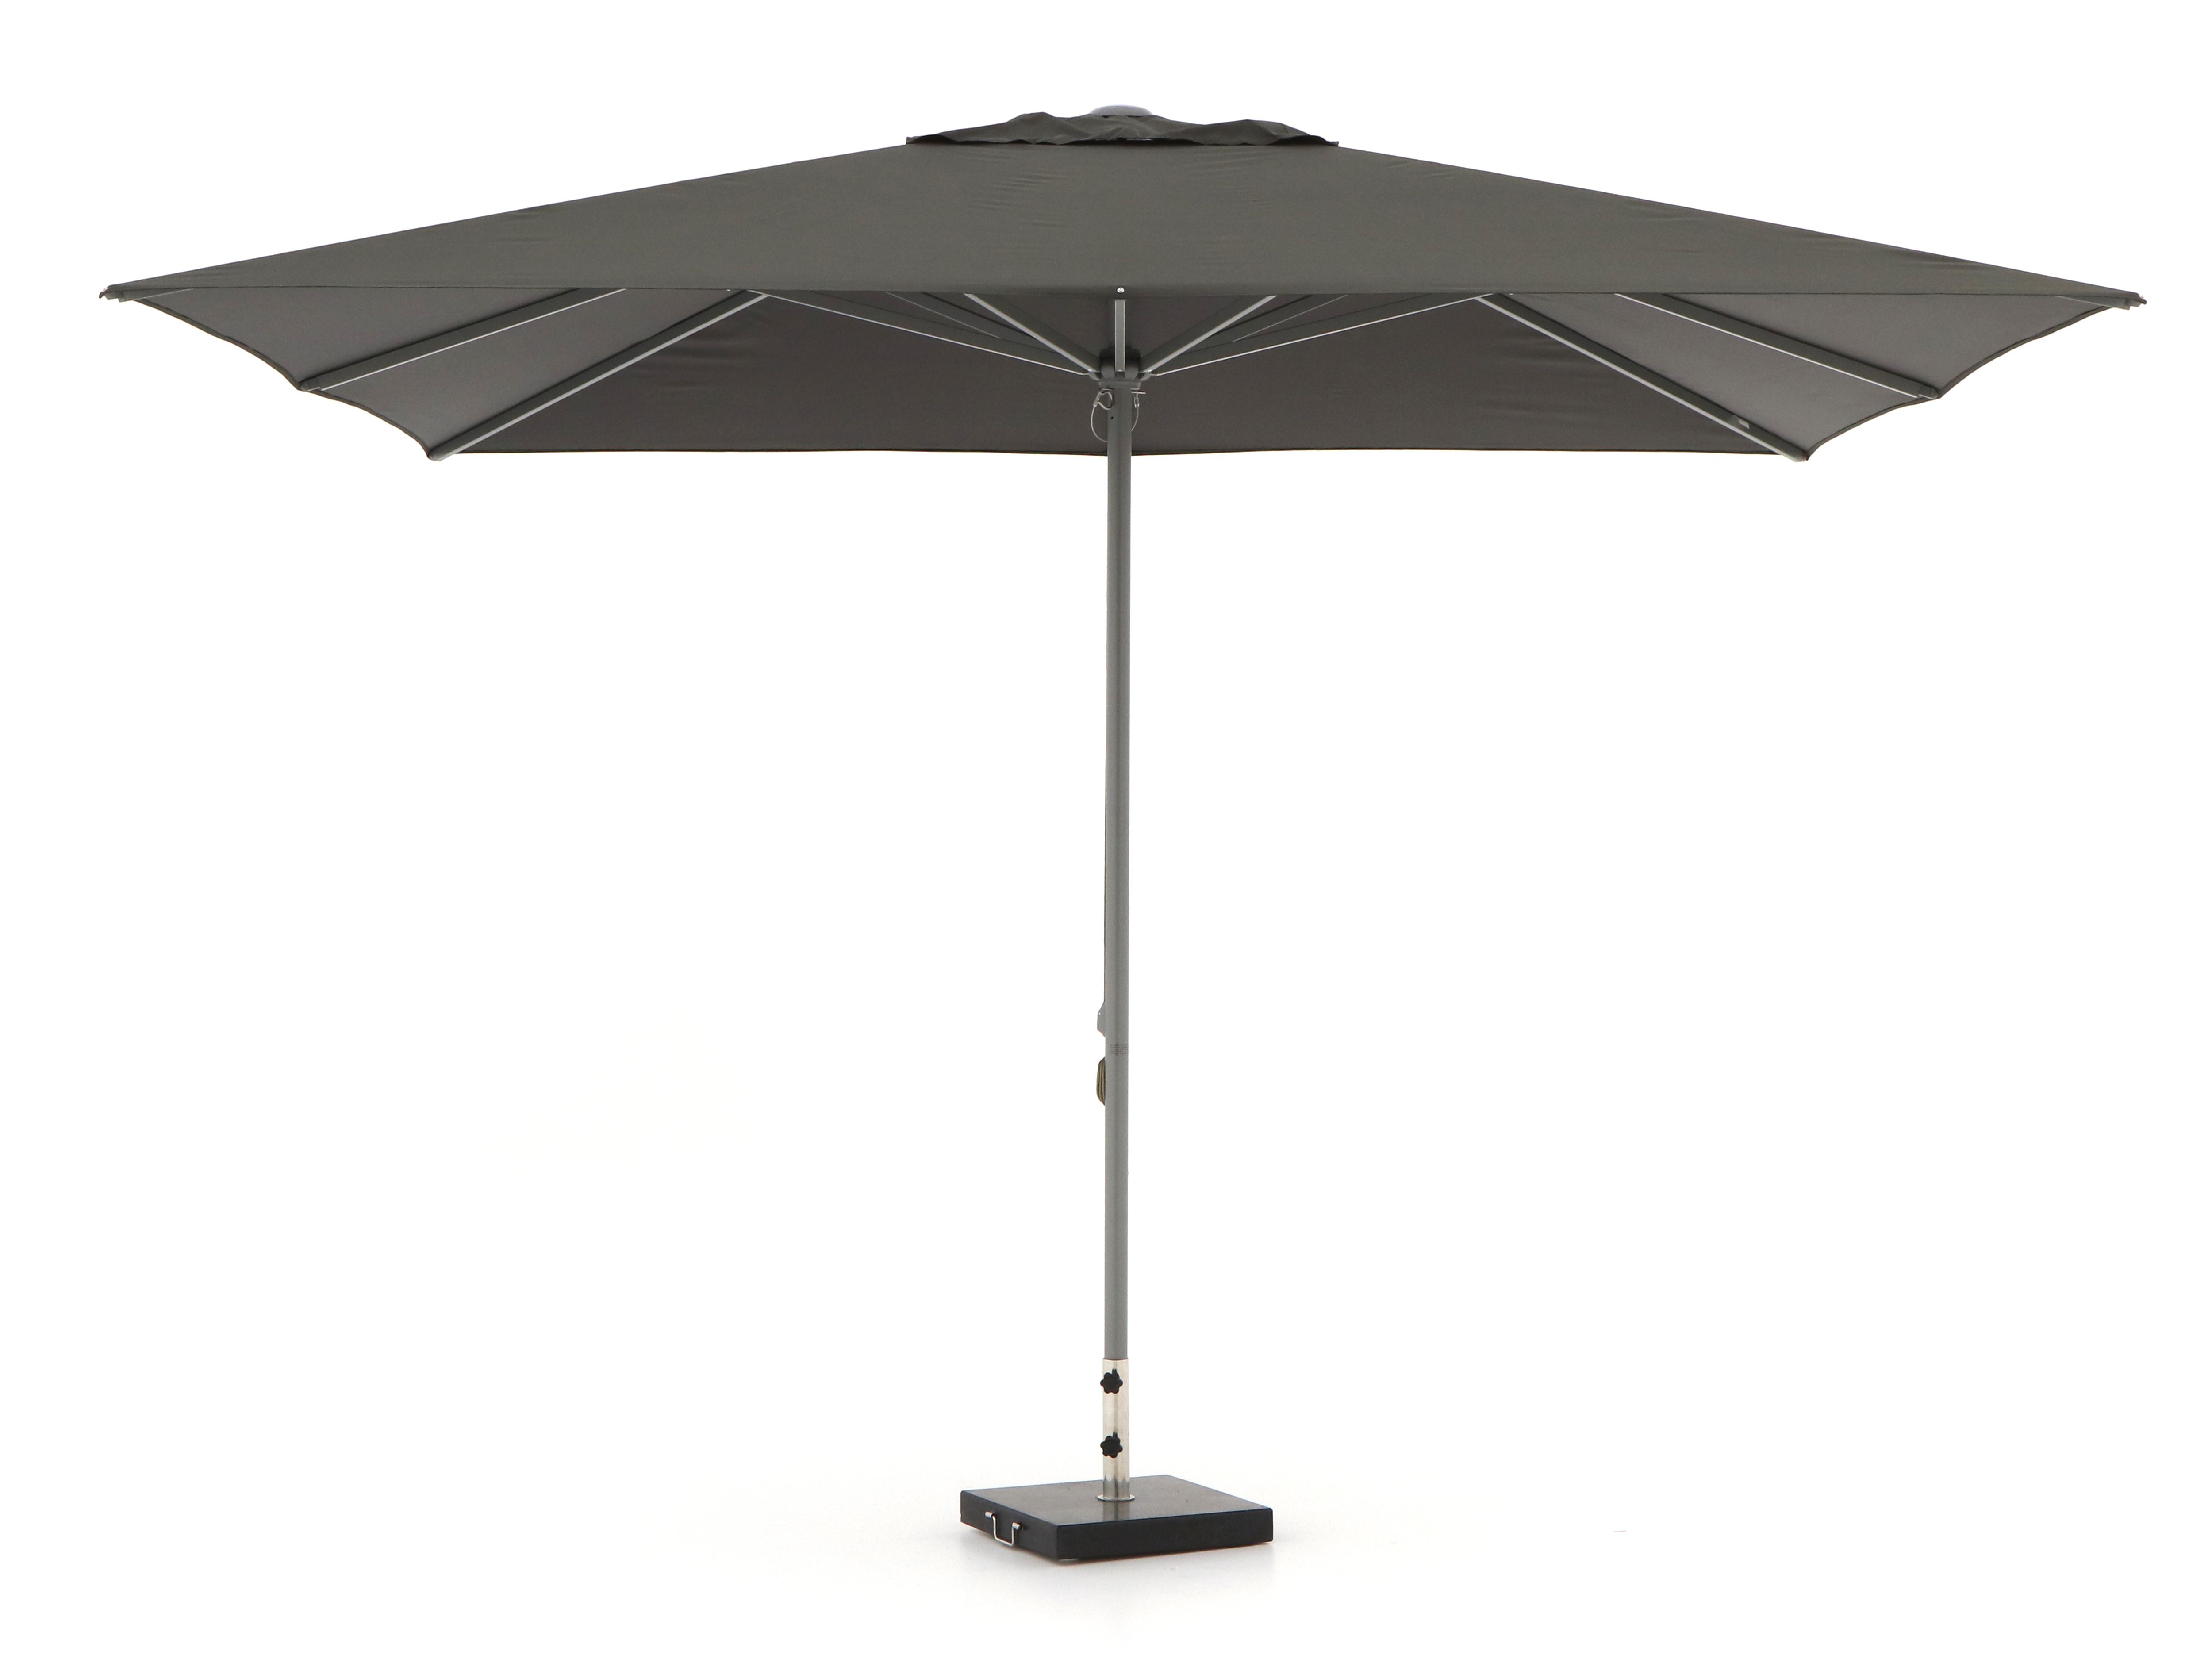 Shadowline Cuba parasol 350x350cm - Laagste prijsgarantie!